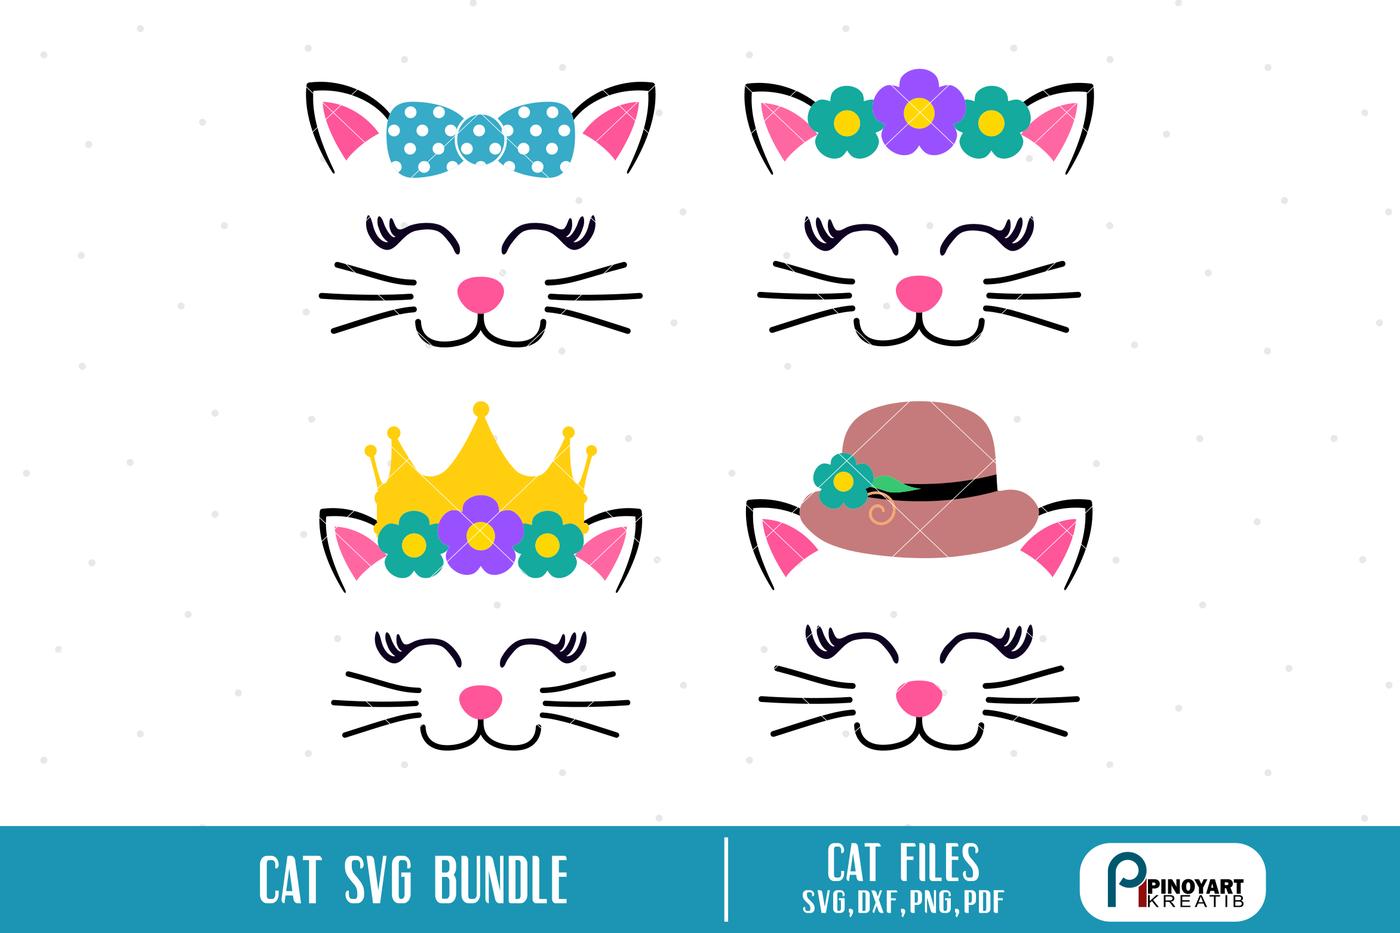 Cat Svg Cat Svg File Cat Graphics Cat Clip Art Cat Prints Svg